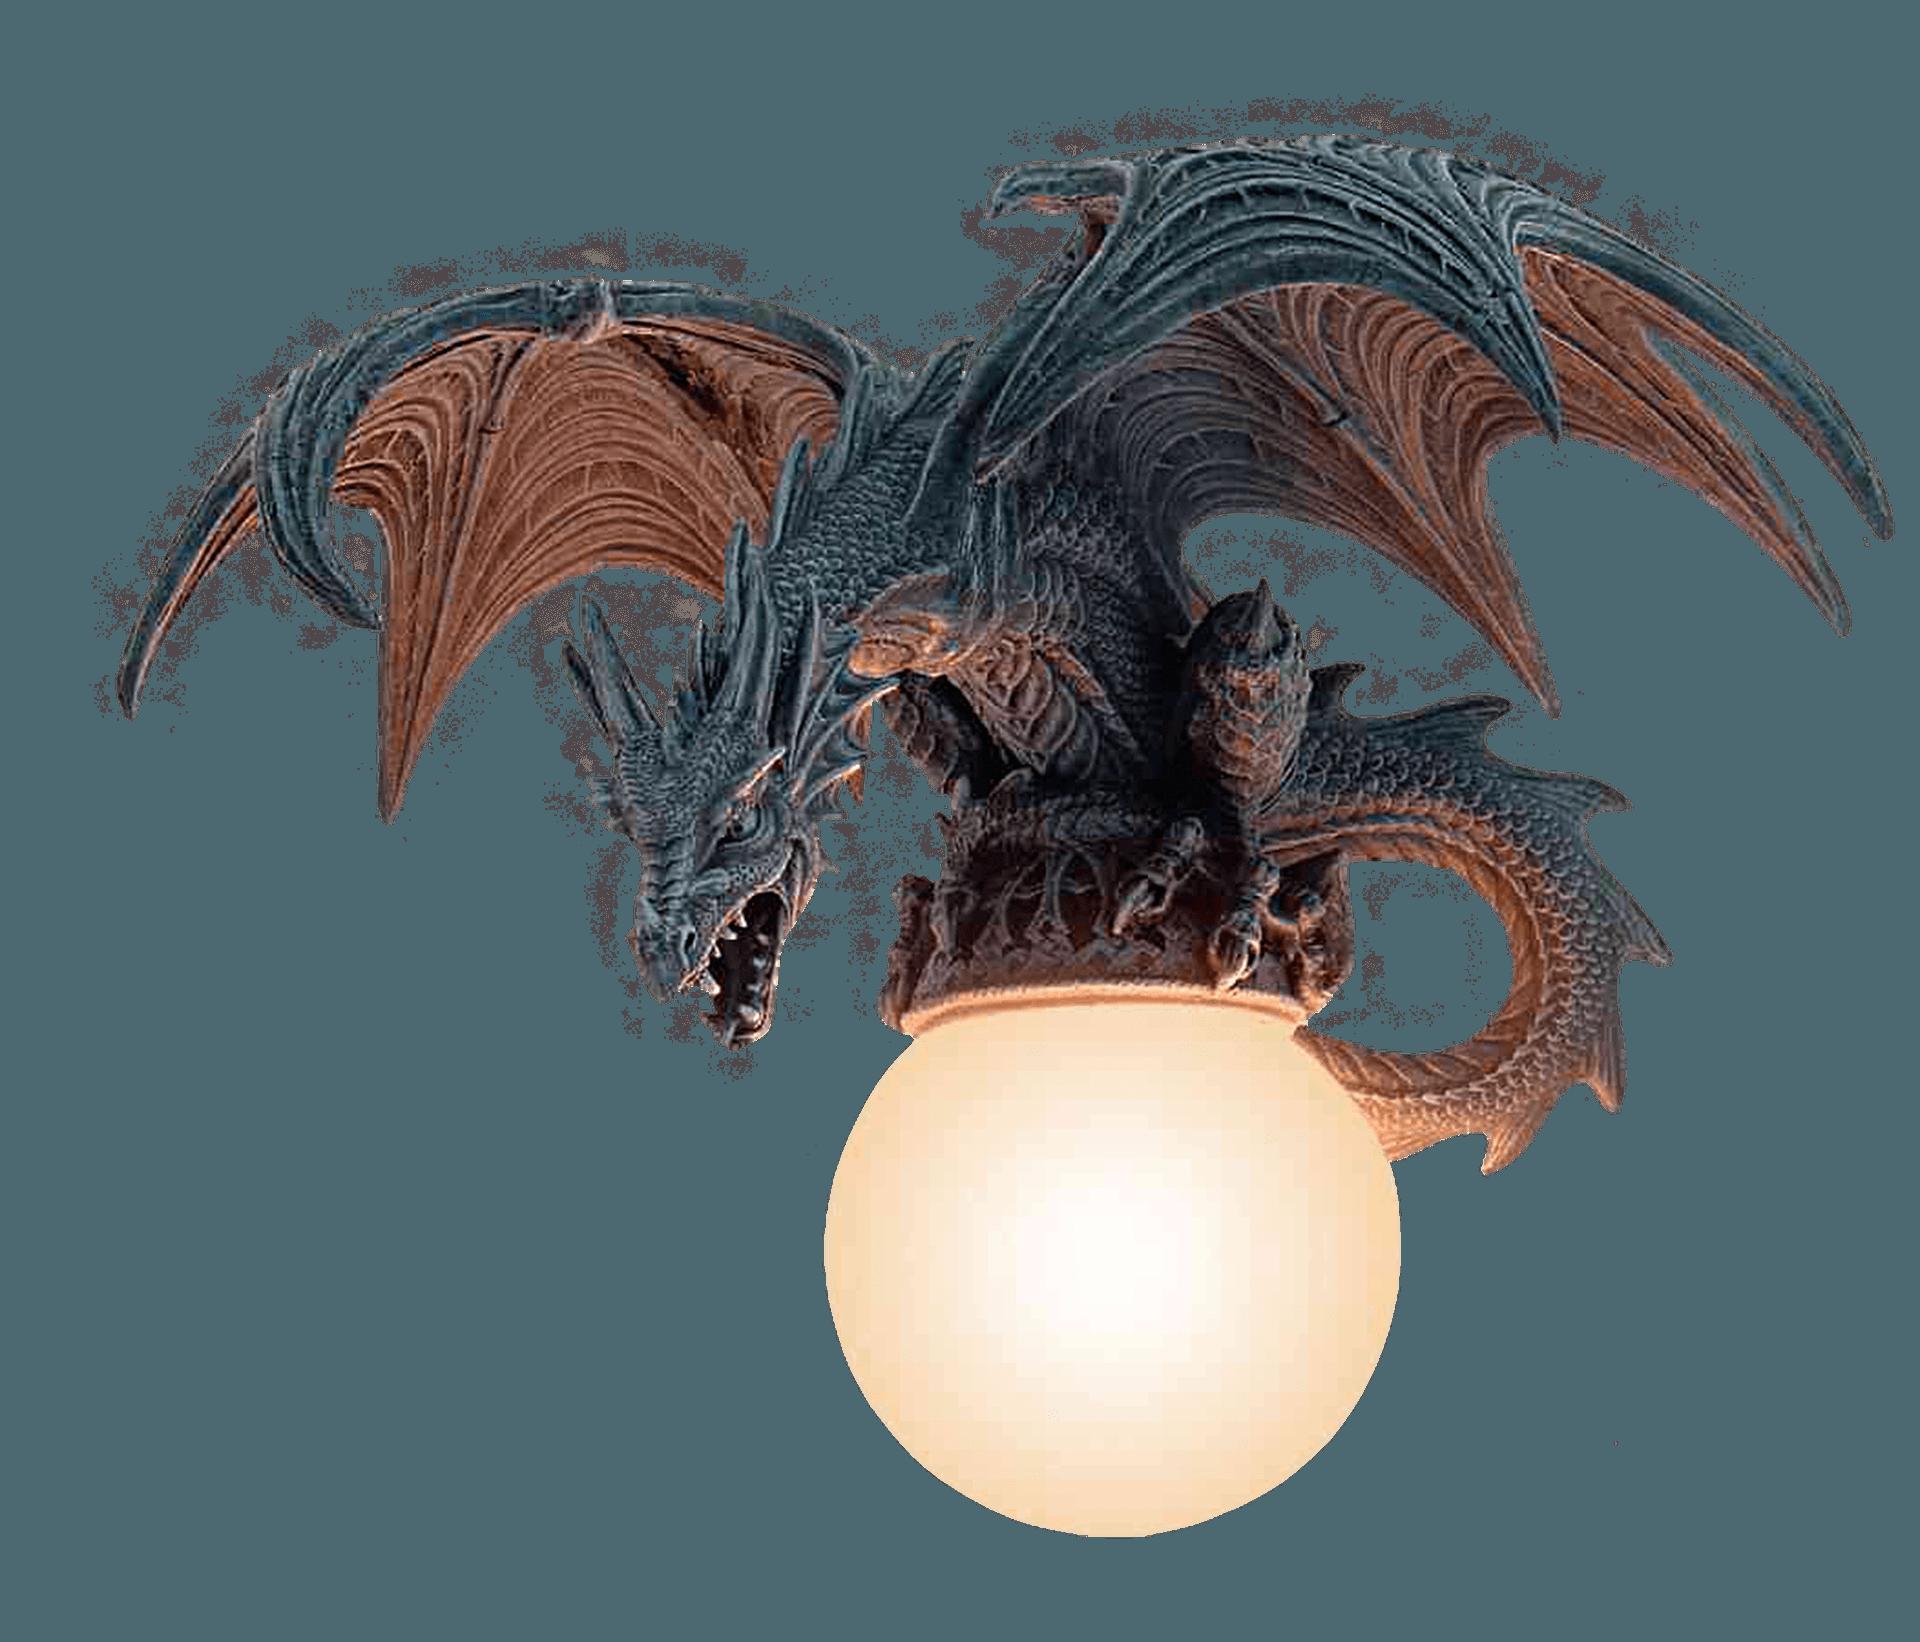 dragon 2059699 1920 - Jaké praktiky uráží Boha?